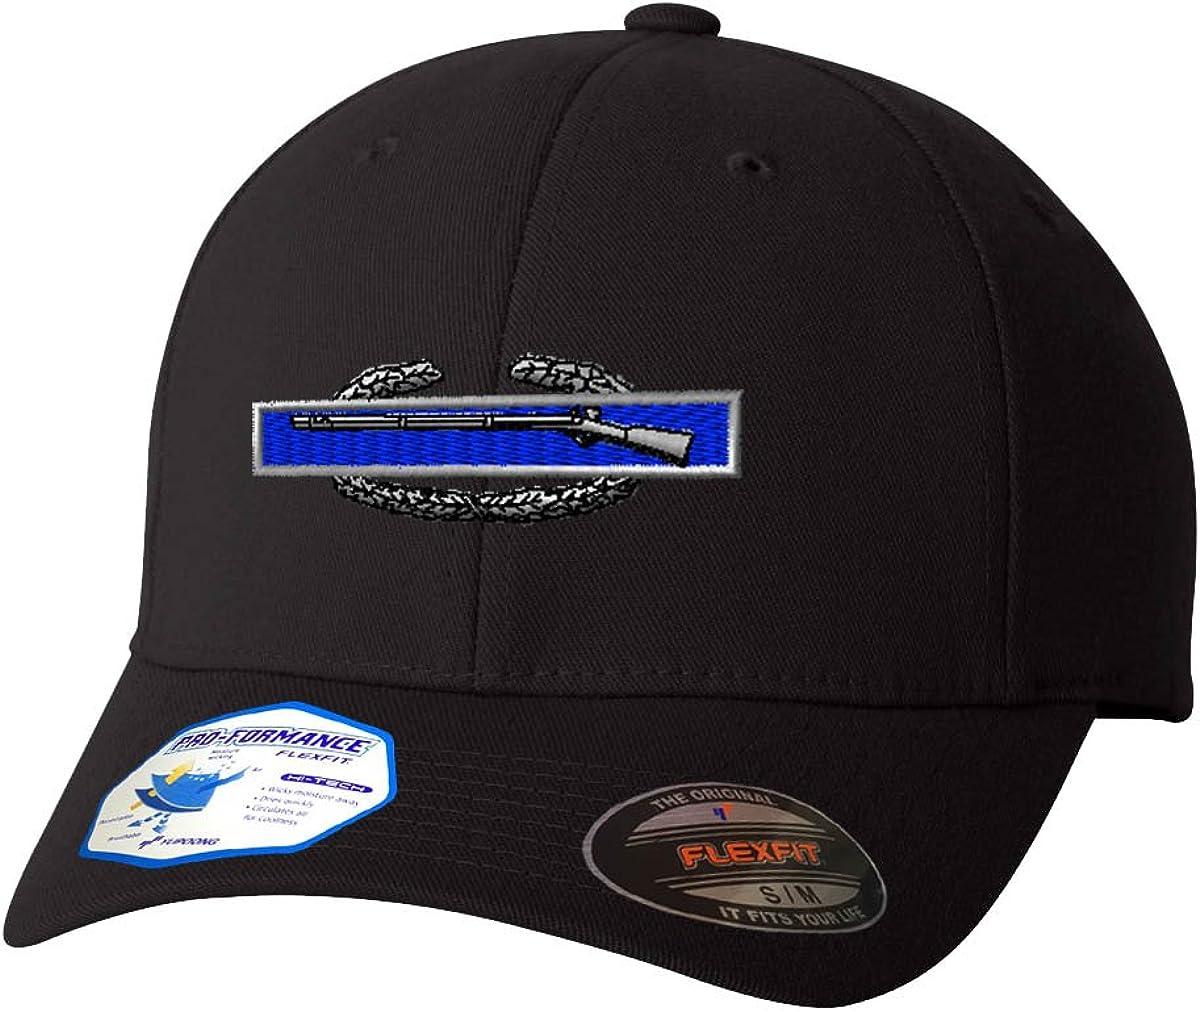 Combat Infantry-Man Badge Flexfit Adult Pro-Formance Branded Hat Black Large/X-Large